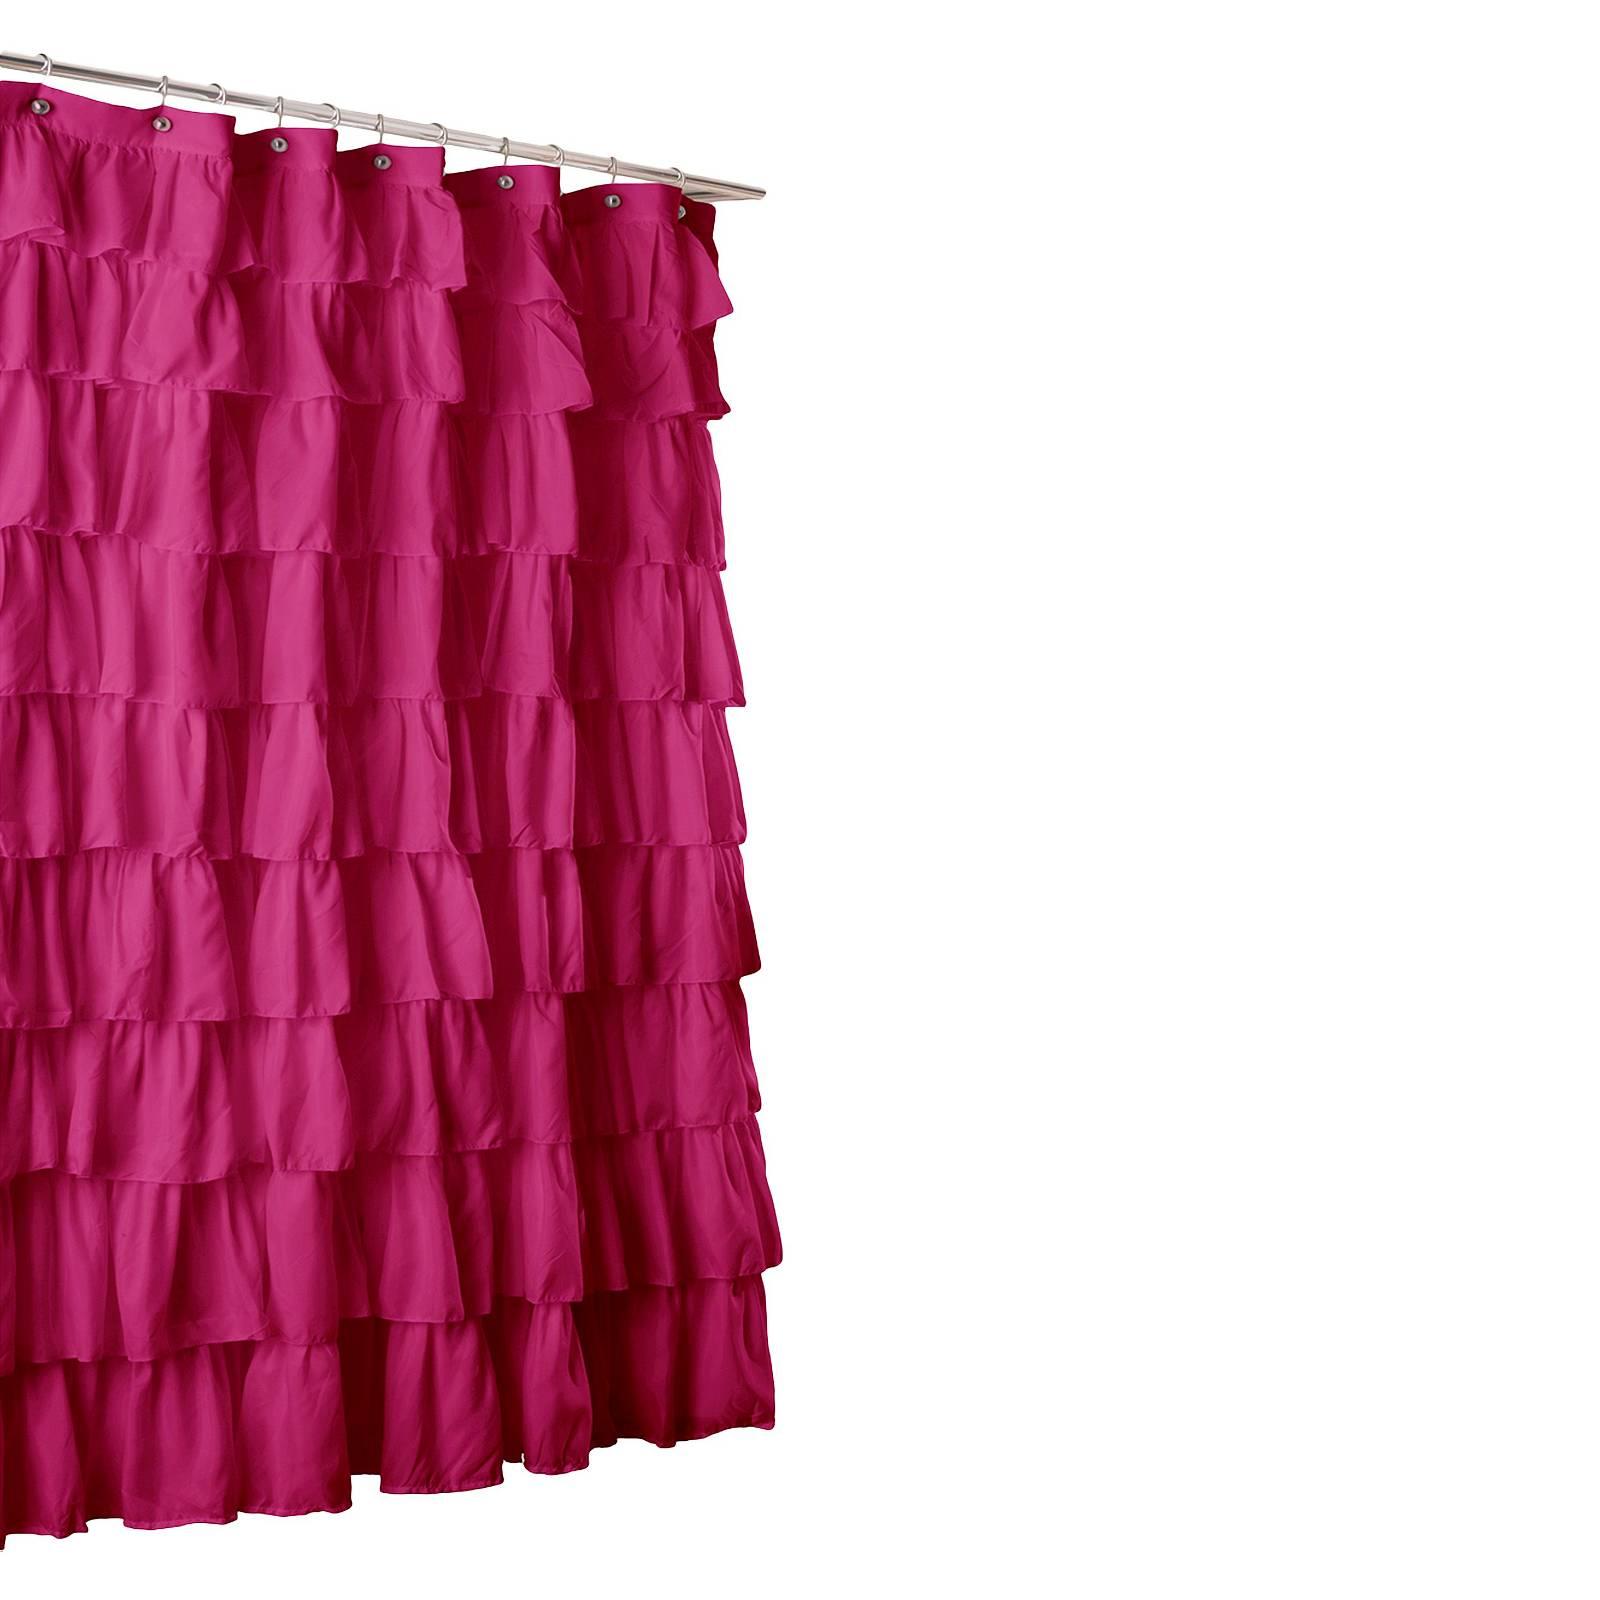 Lush D Cor Large Ruffle Shower Curtain Curtain Menzilperde Net